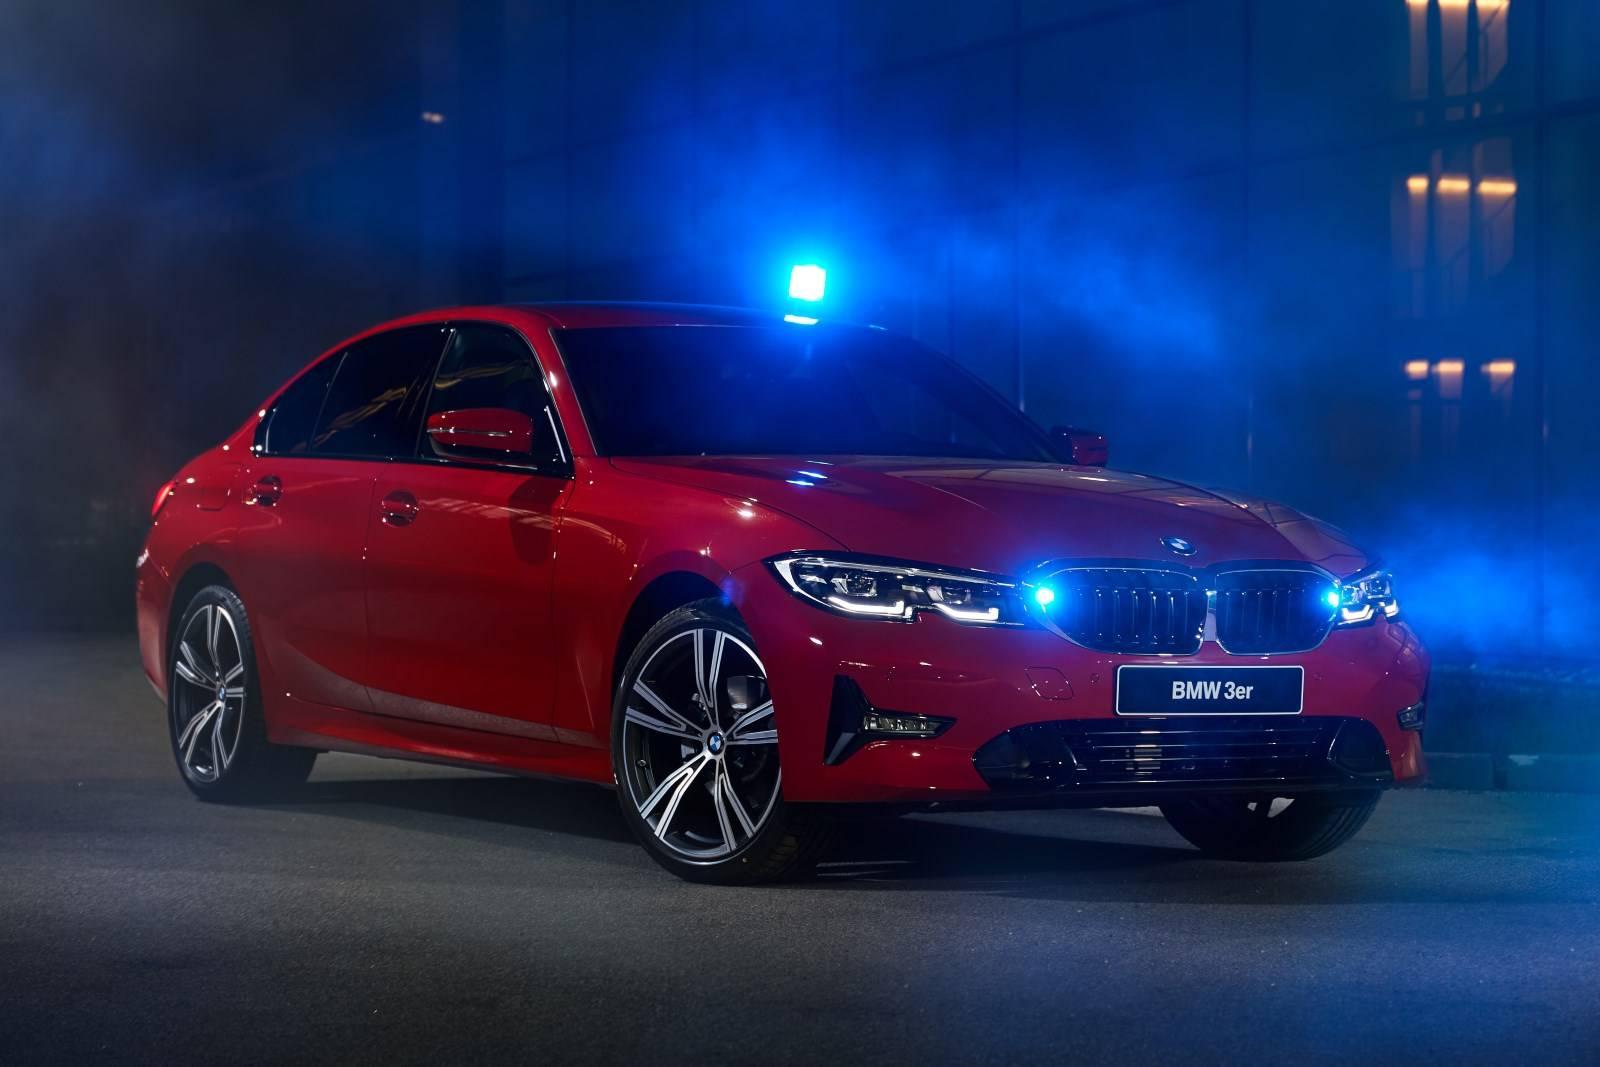 Скорая помощь BMW - вызывали?